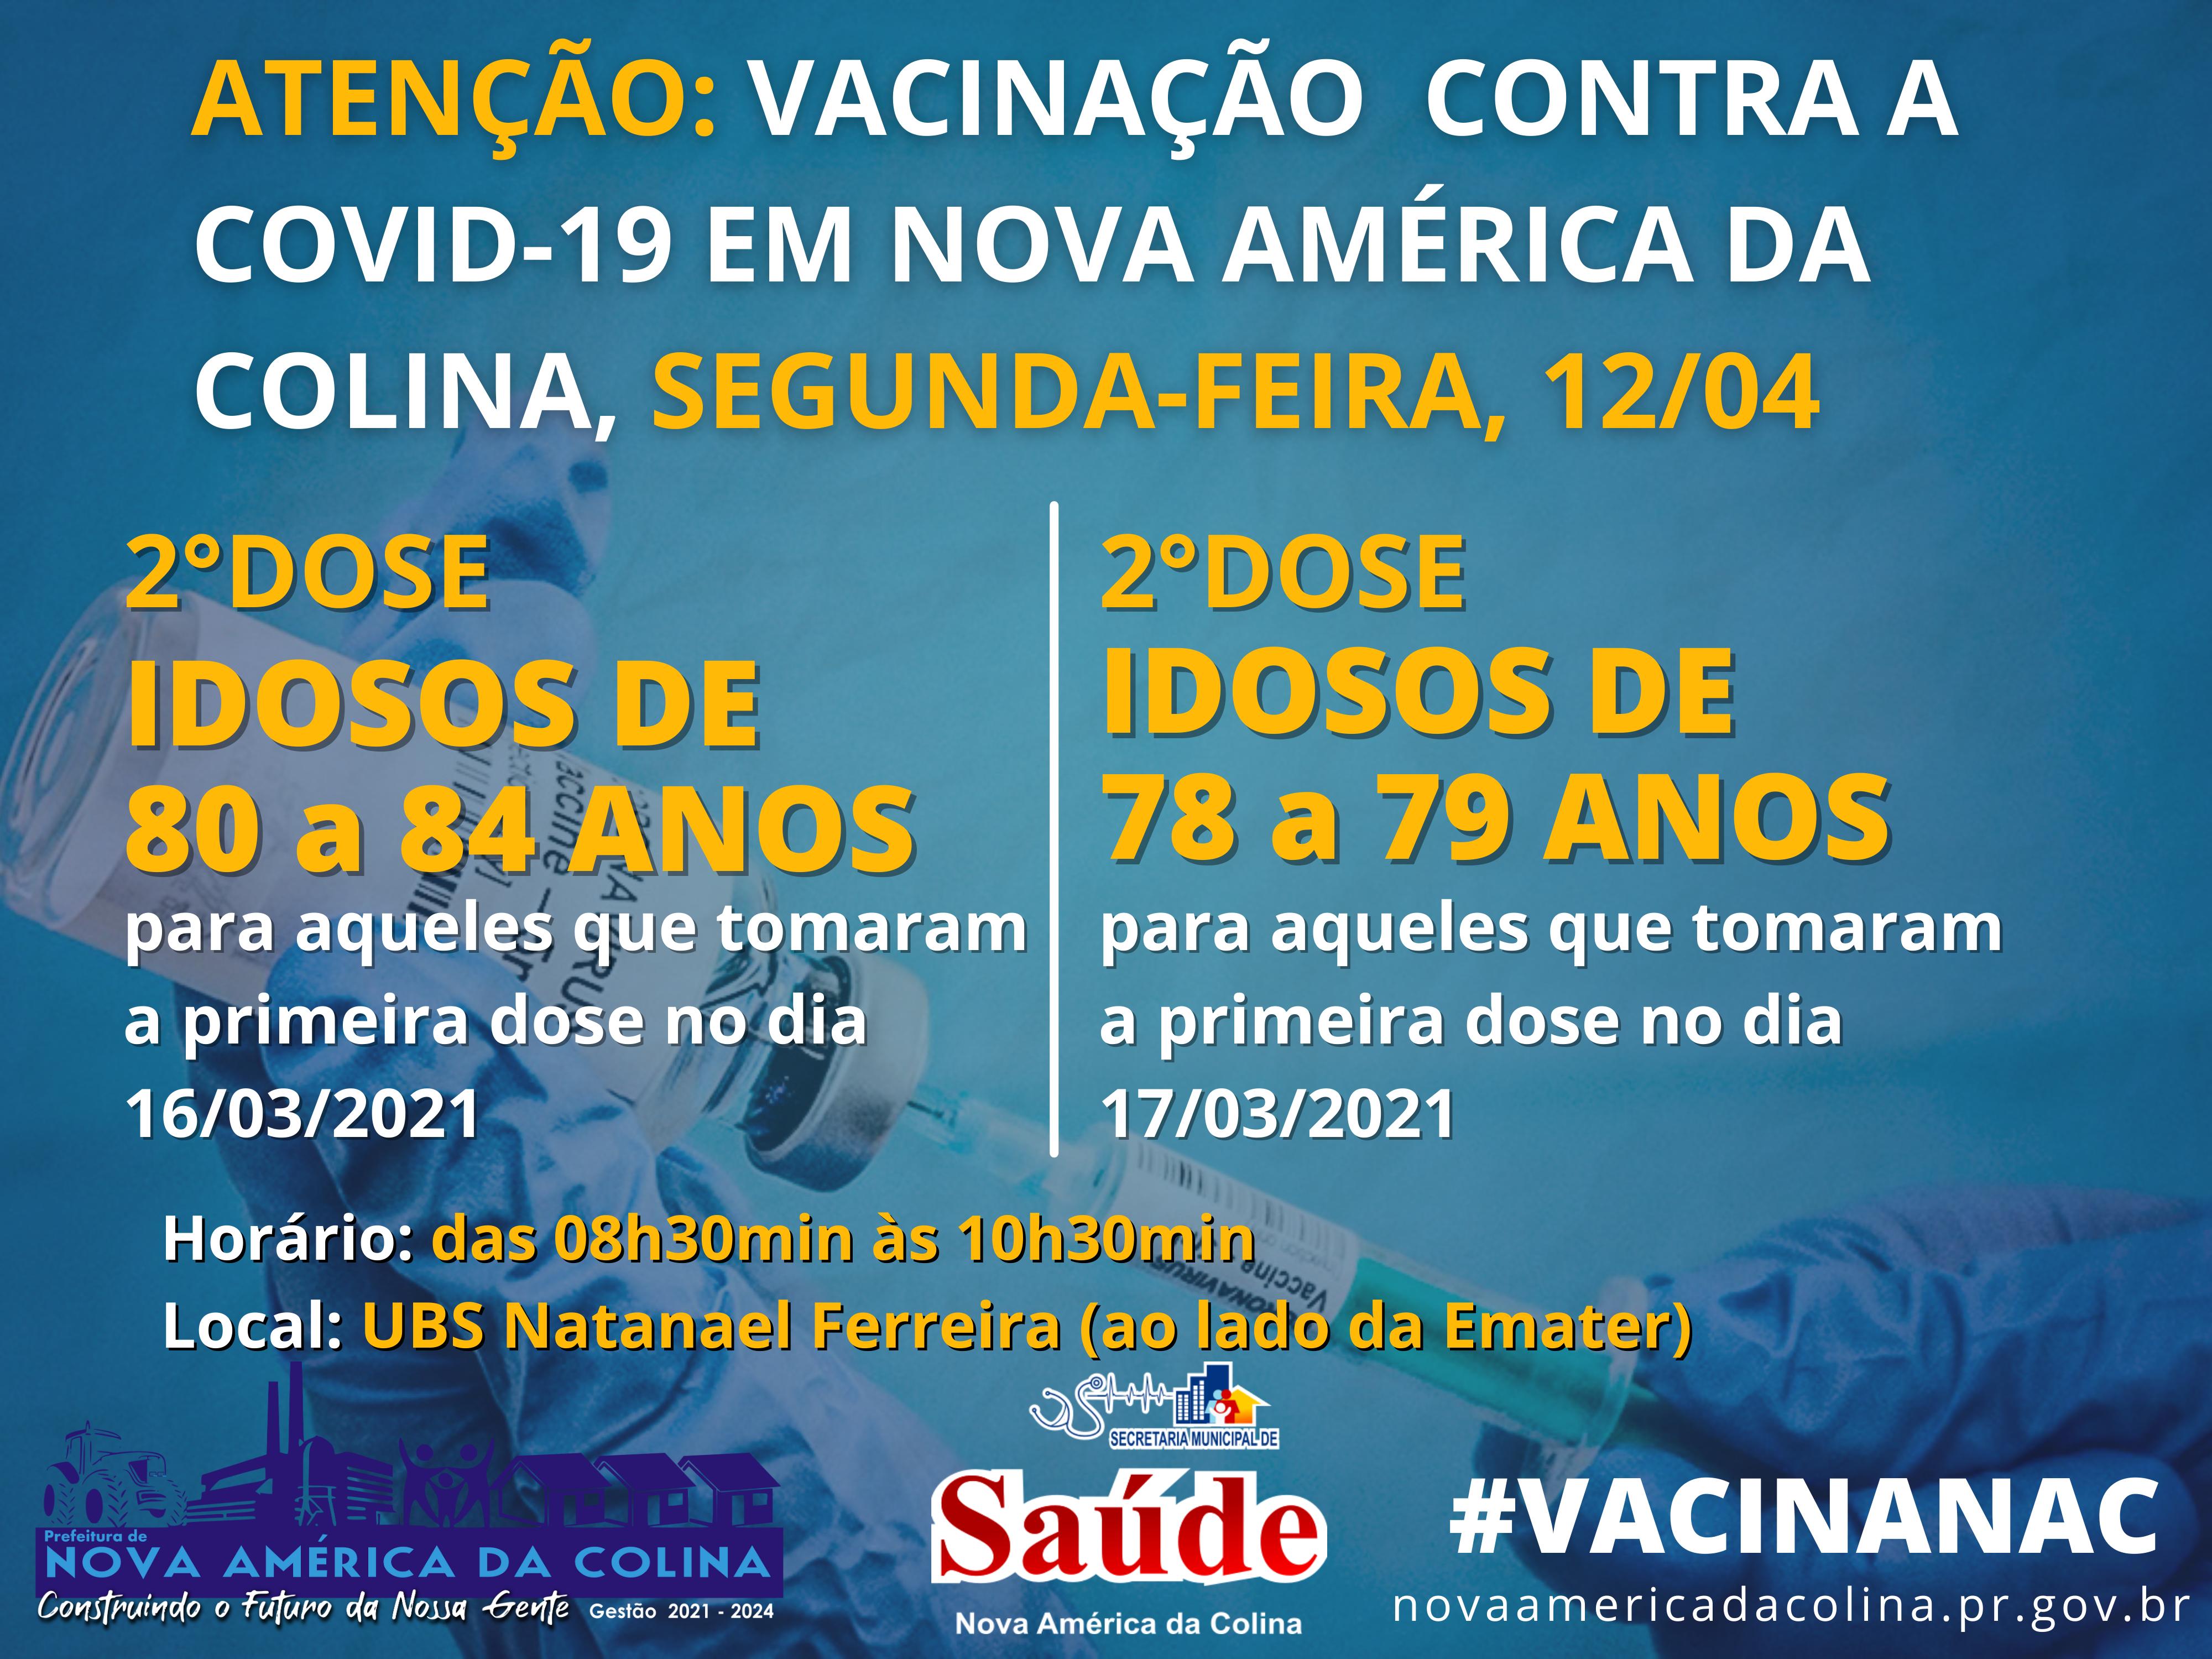 Vacinação contra a Covid-19 em Nova América da Colina nesta Segunda-feira 12/04